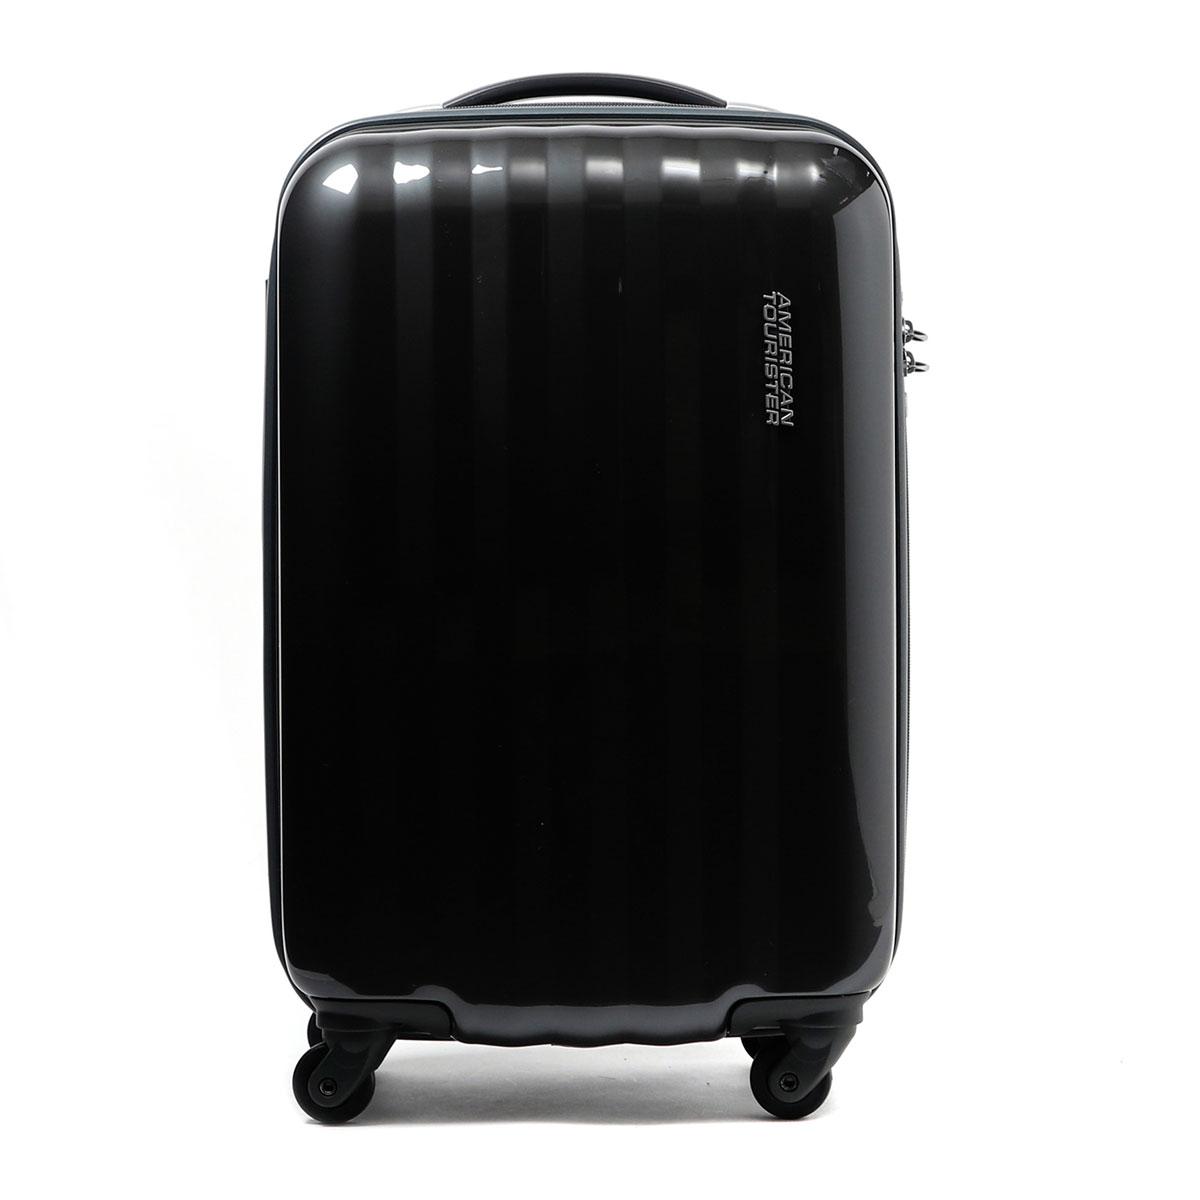 「セール30%OFF」「日本正規品」サムソナイト アメリカンツーリスター スーツケース AMERICAN TOURISTER キャリーケース プリズモ Prismo 機内持ち込み ファスナー 30L 1〜2泊程度 小型 Sサイズ TSAロック ハード 旅行